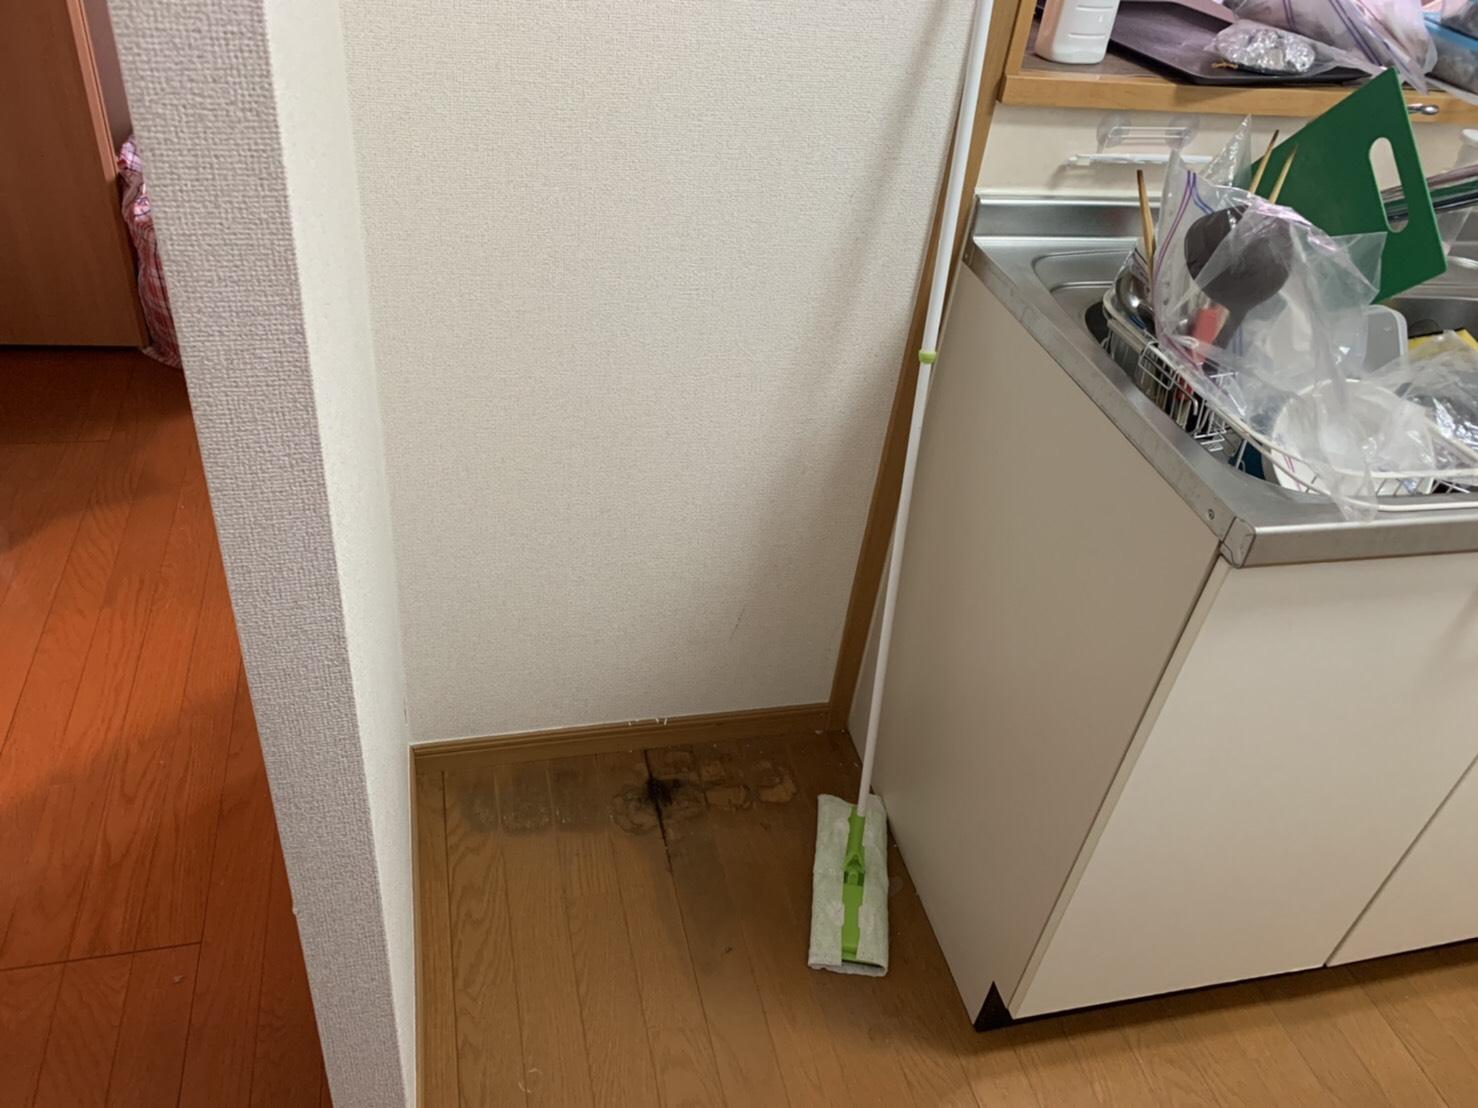 冷蔵庫の回収後